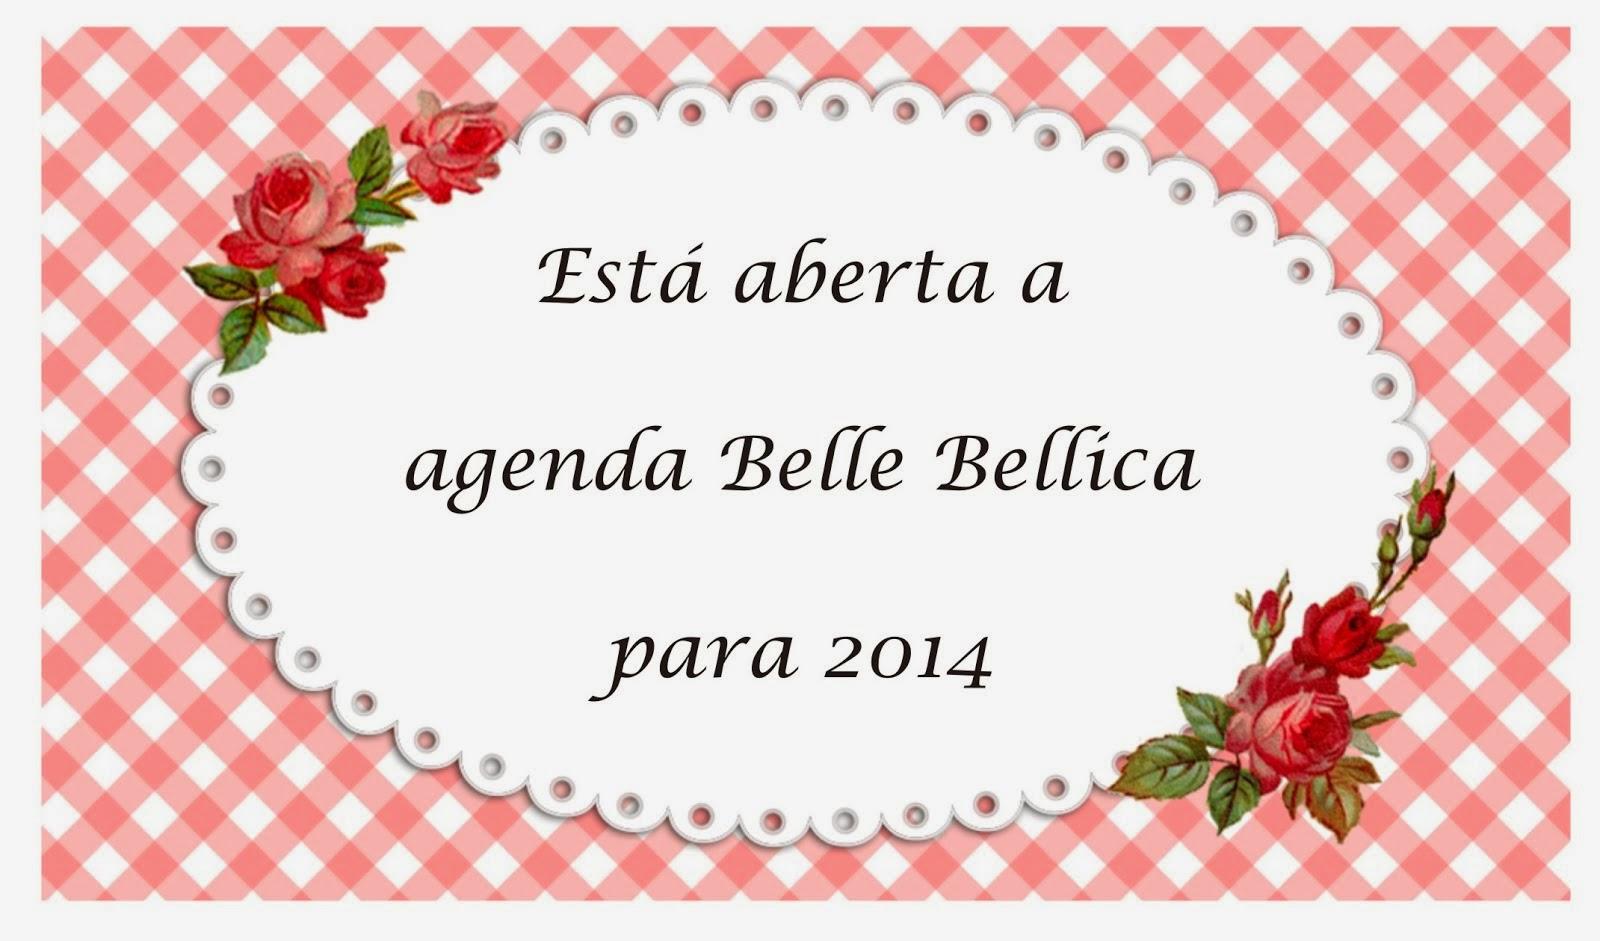 Para agendar o seu pedido, entre em contato por email bellebellica@gmail.com